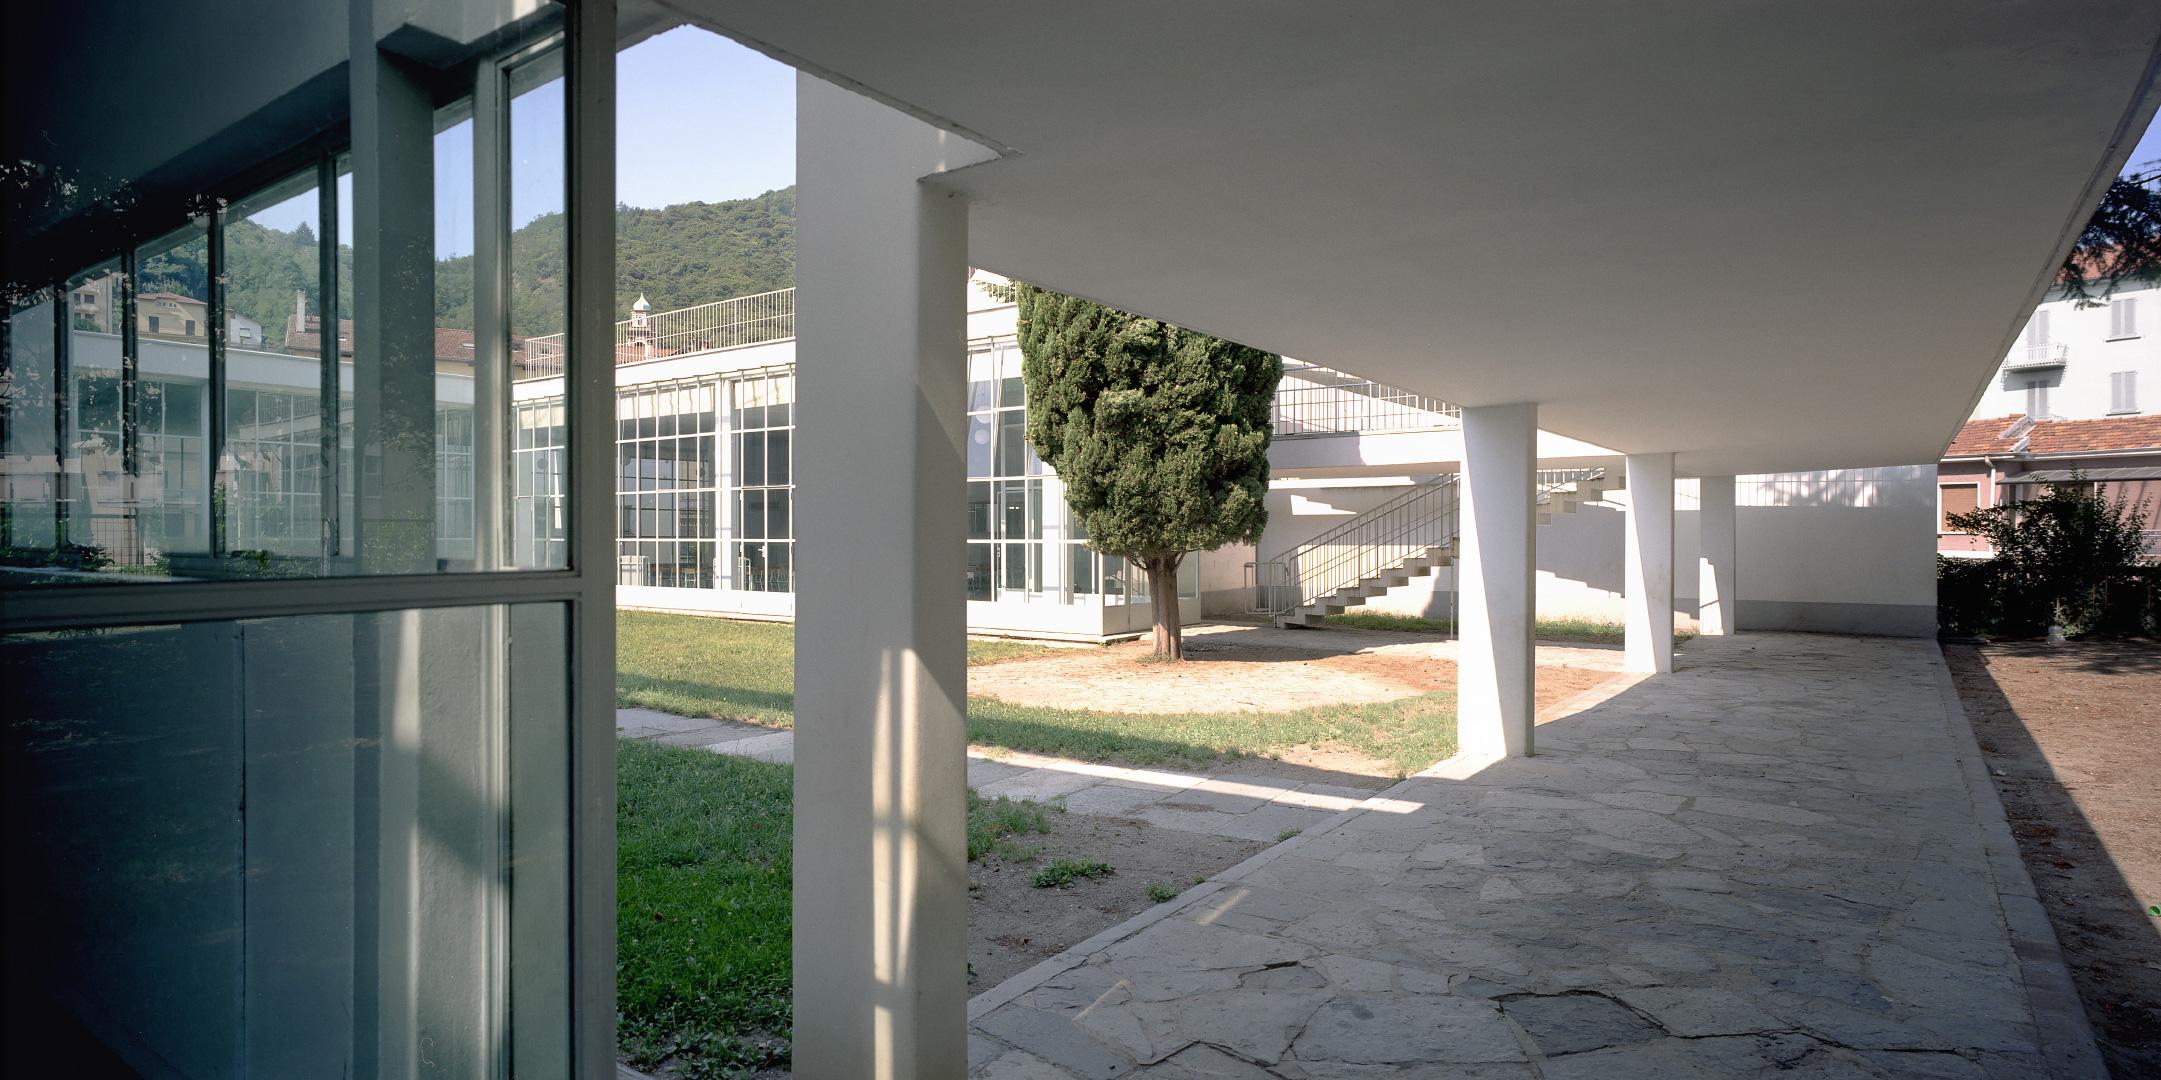 asilo-santelia-como_21_Terragni-Como-Asilo-SantElia-5564-1